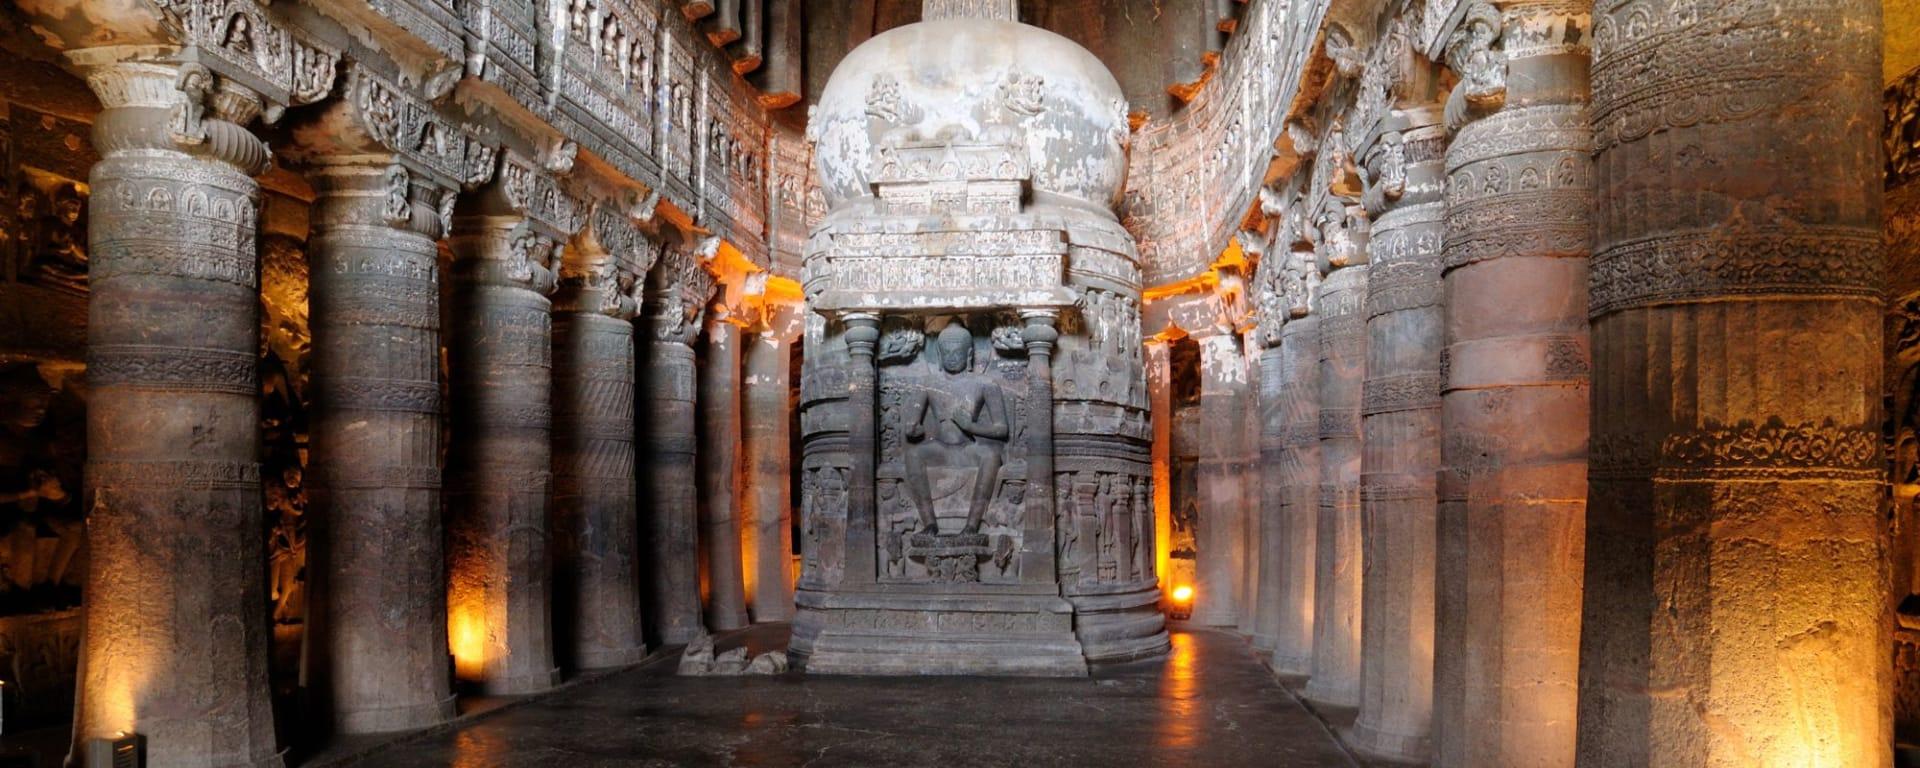 Héritages culturels Ellora & Ajanta de Aurangabad: Ajanta: Stupa